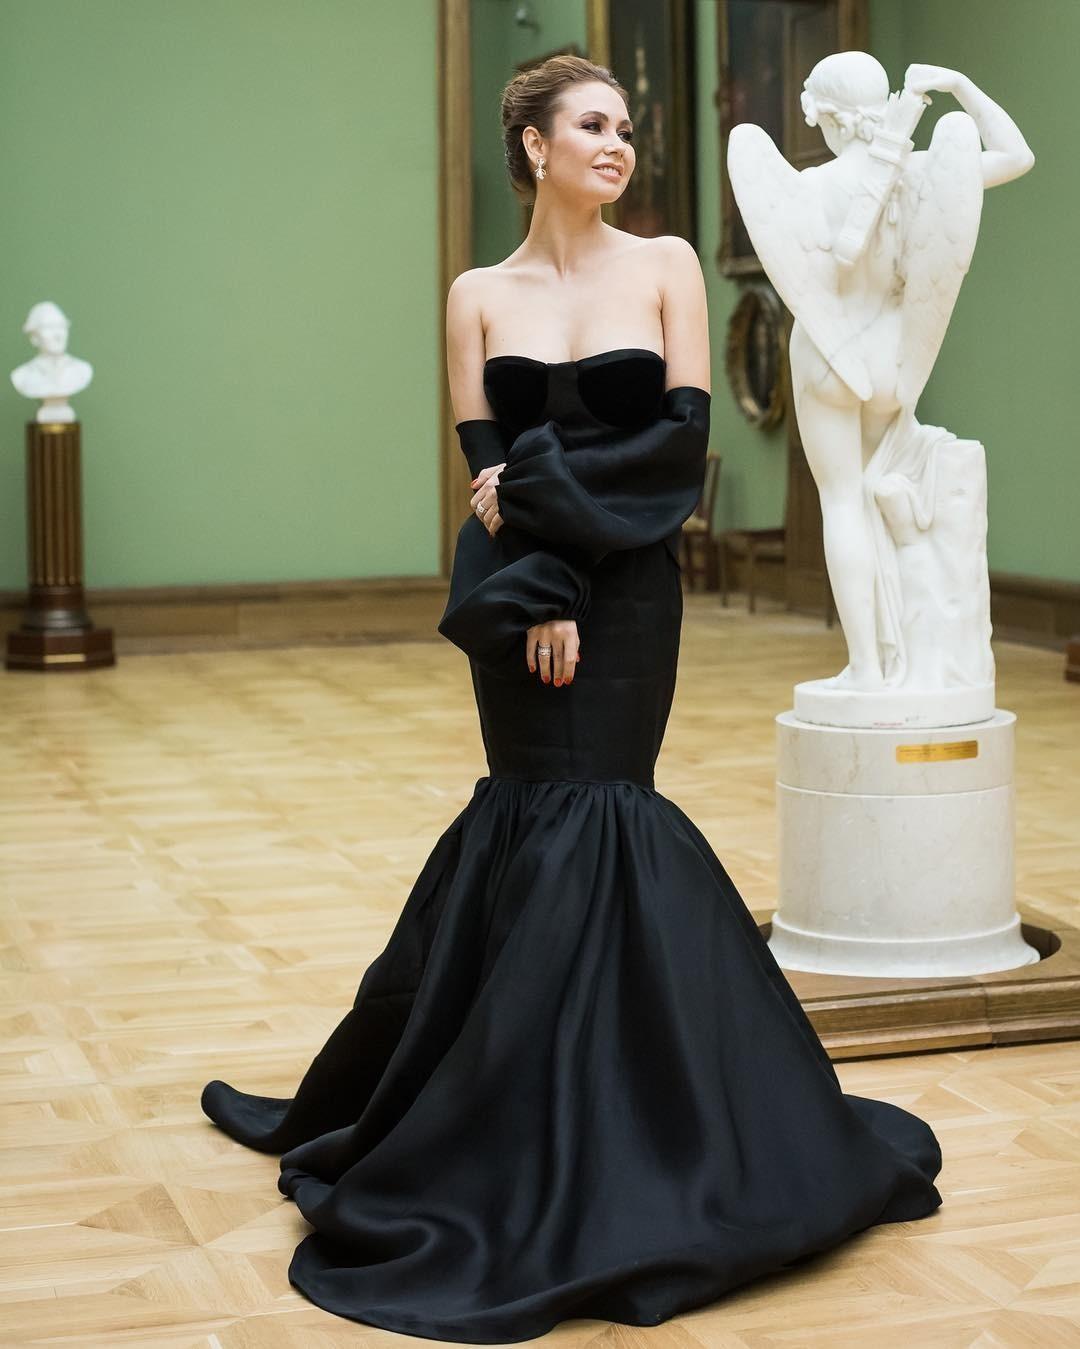 Ляйсян Утяшева, Виктория Дайнеко и другие звезды наденут платья, сшитые по эскизам школьников